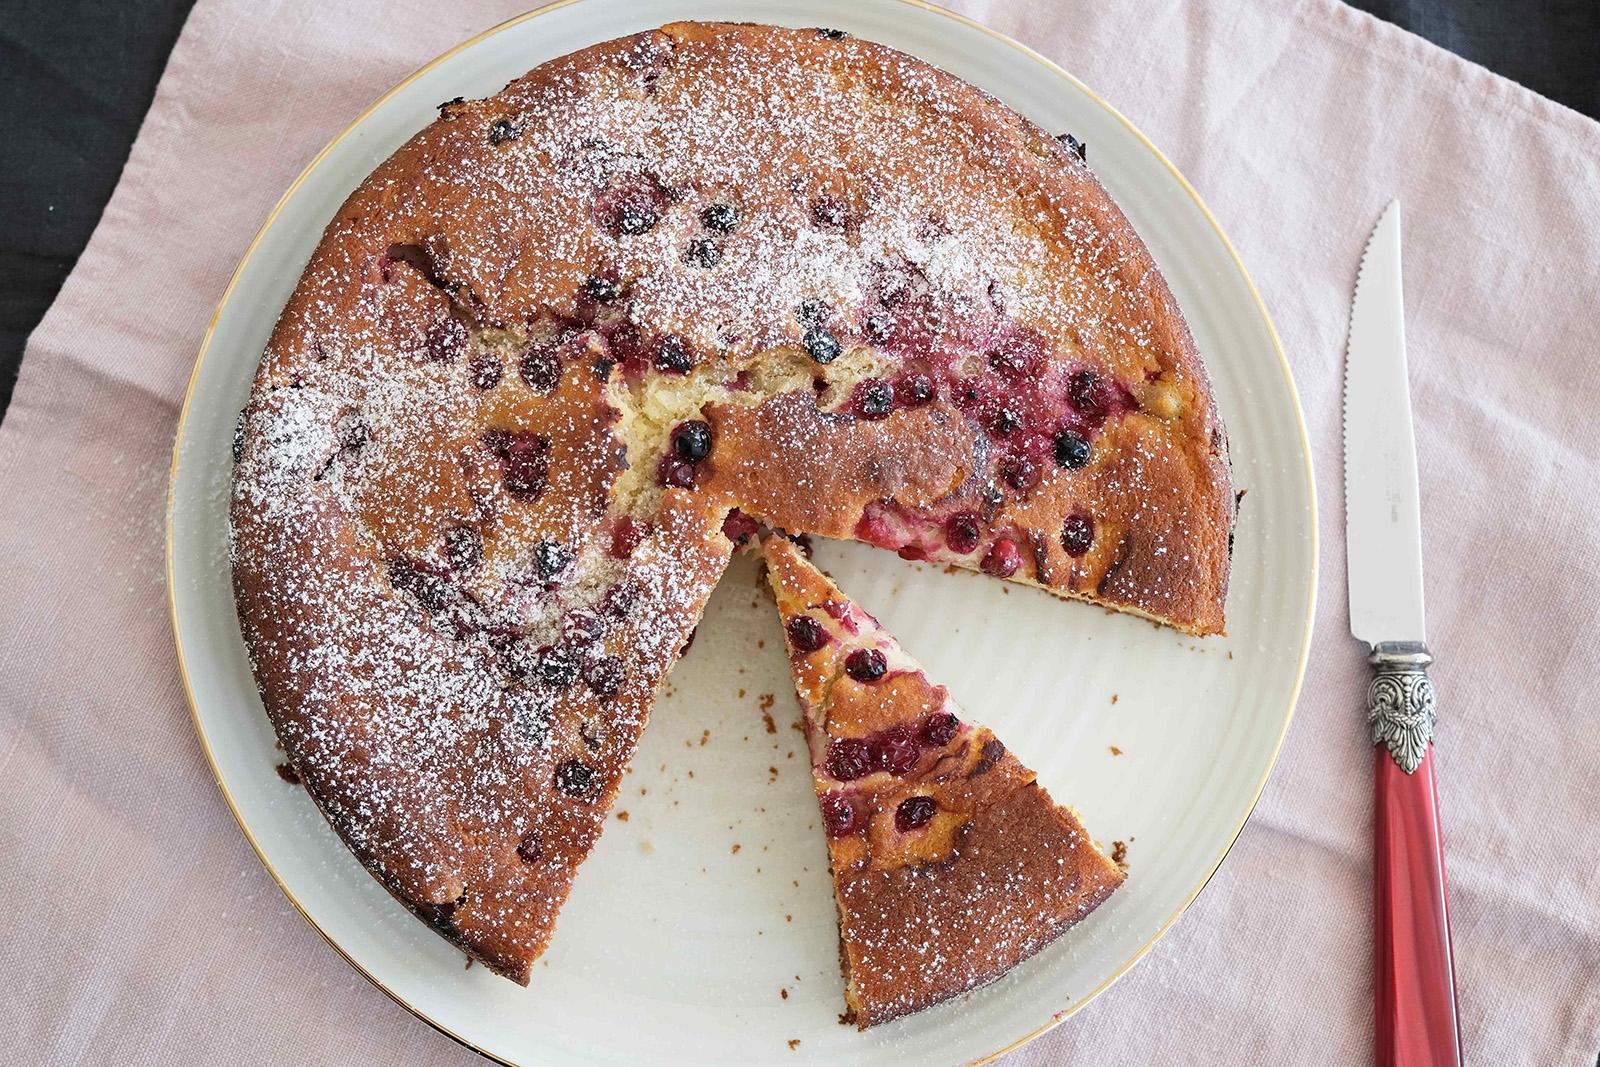 Tento rychlý koláč je s ricottou, můžete však použít i tučný tvaroh. Ovoce použijte zmrazené anebo třeba čerstvé maliny nebo borůvky